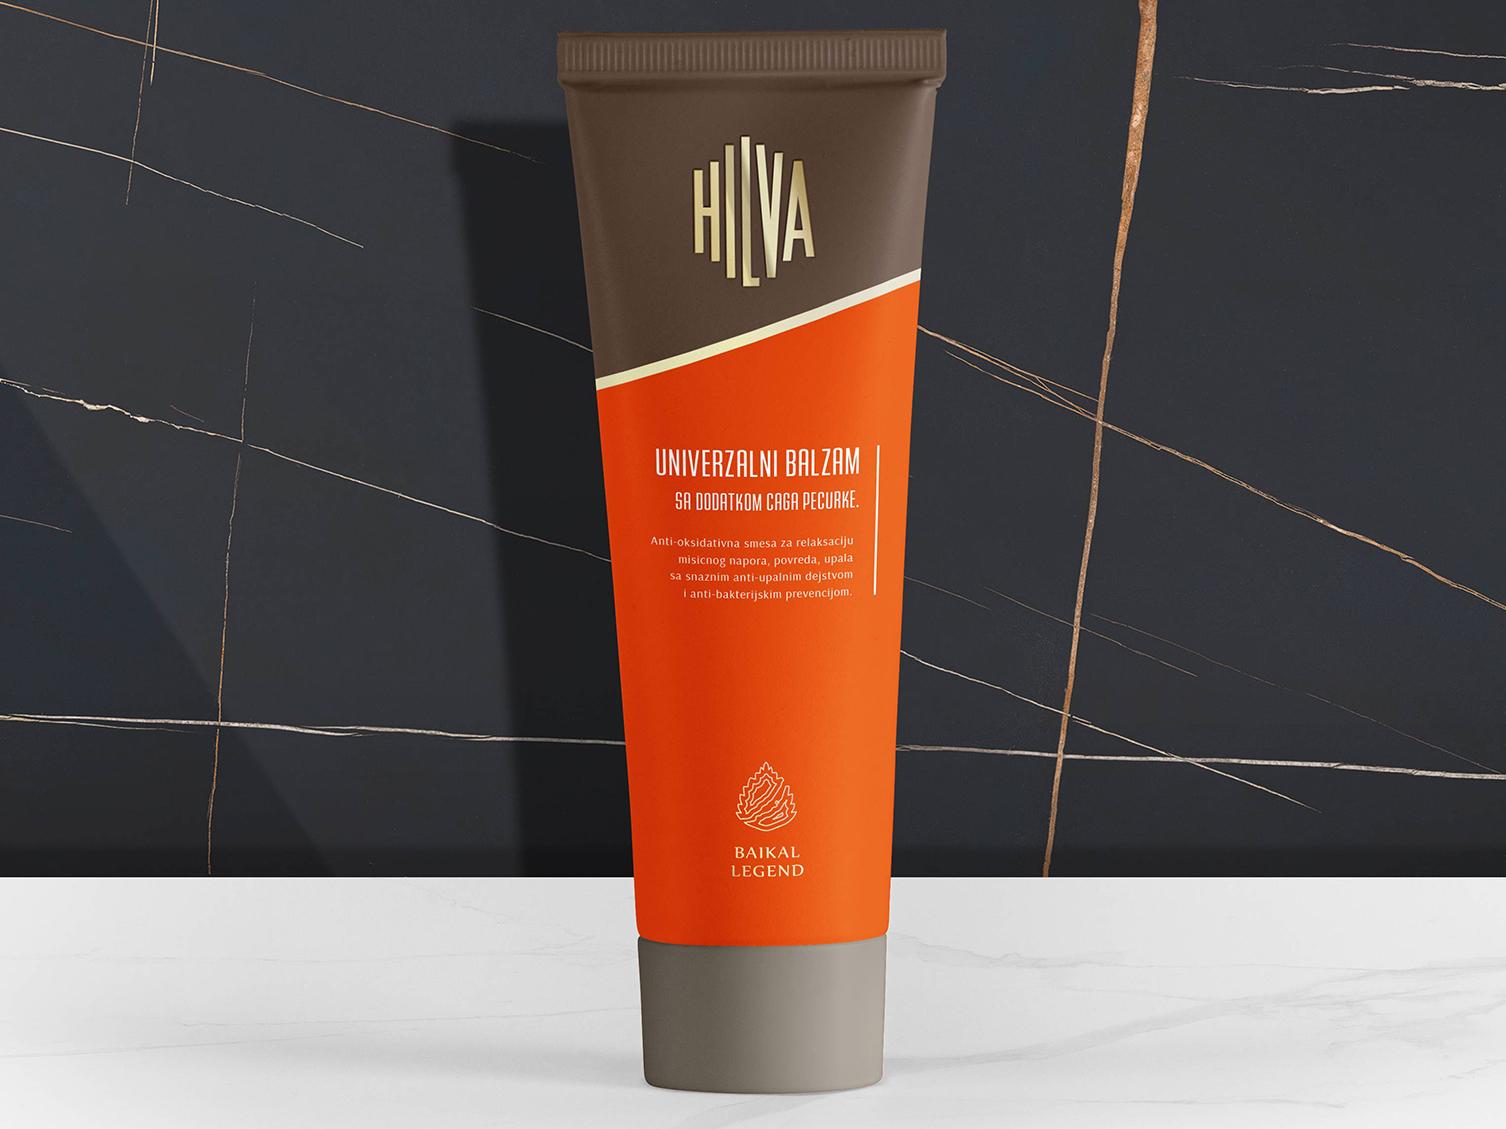 Hilva Cosmetics